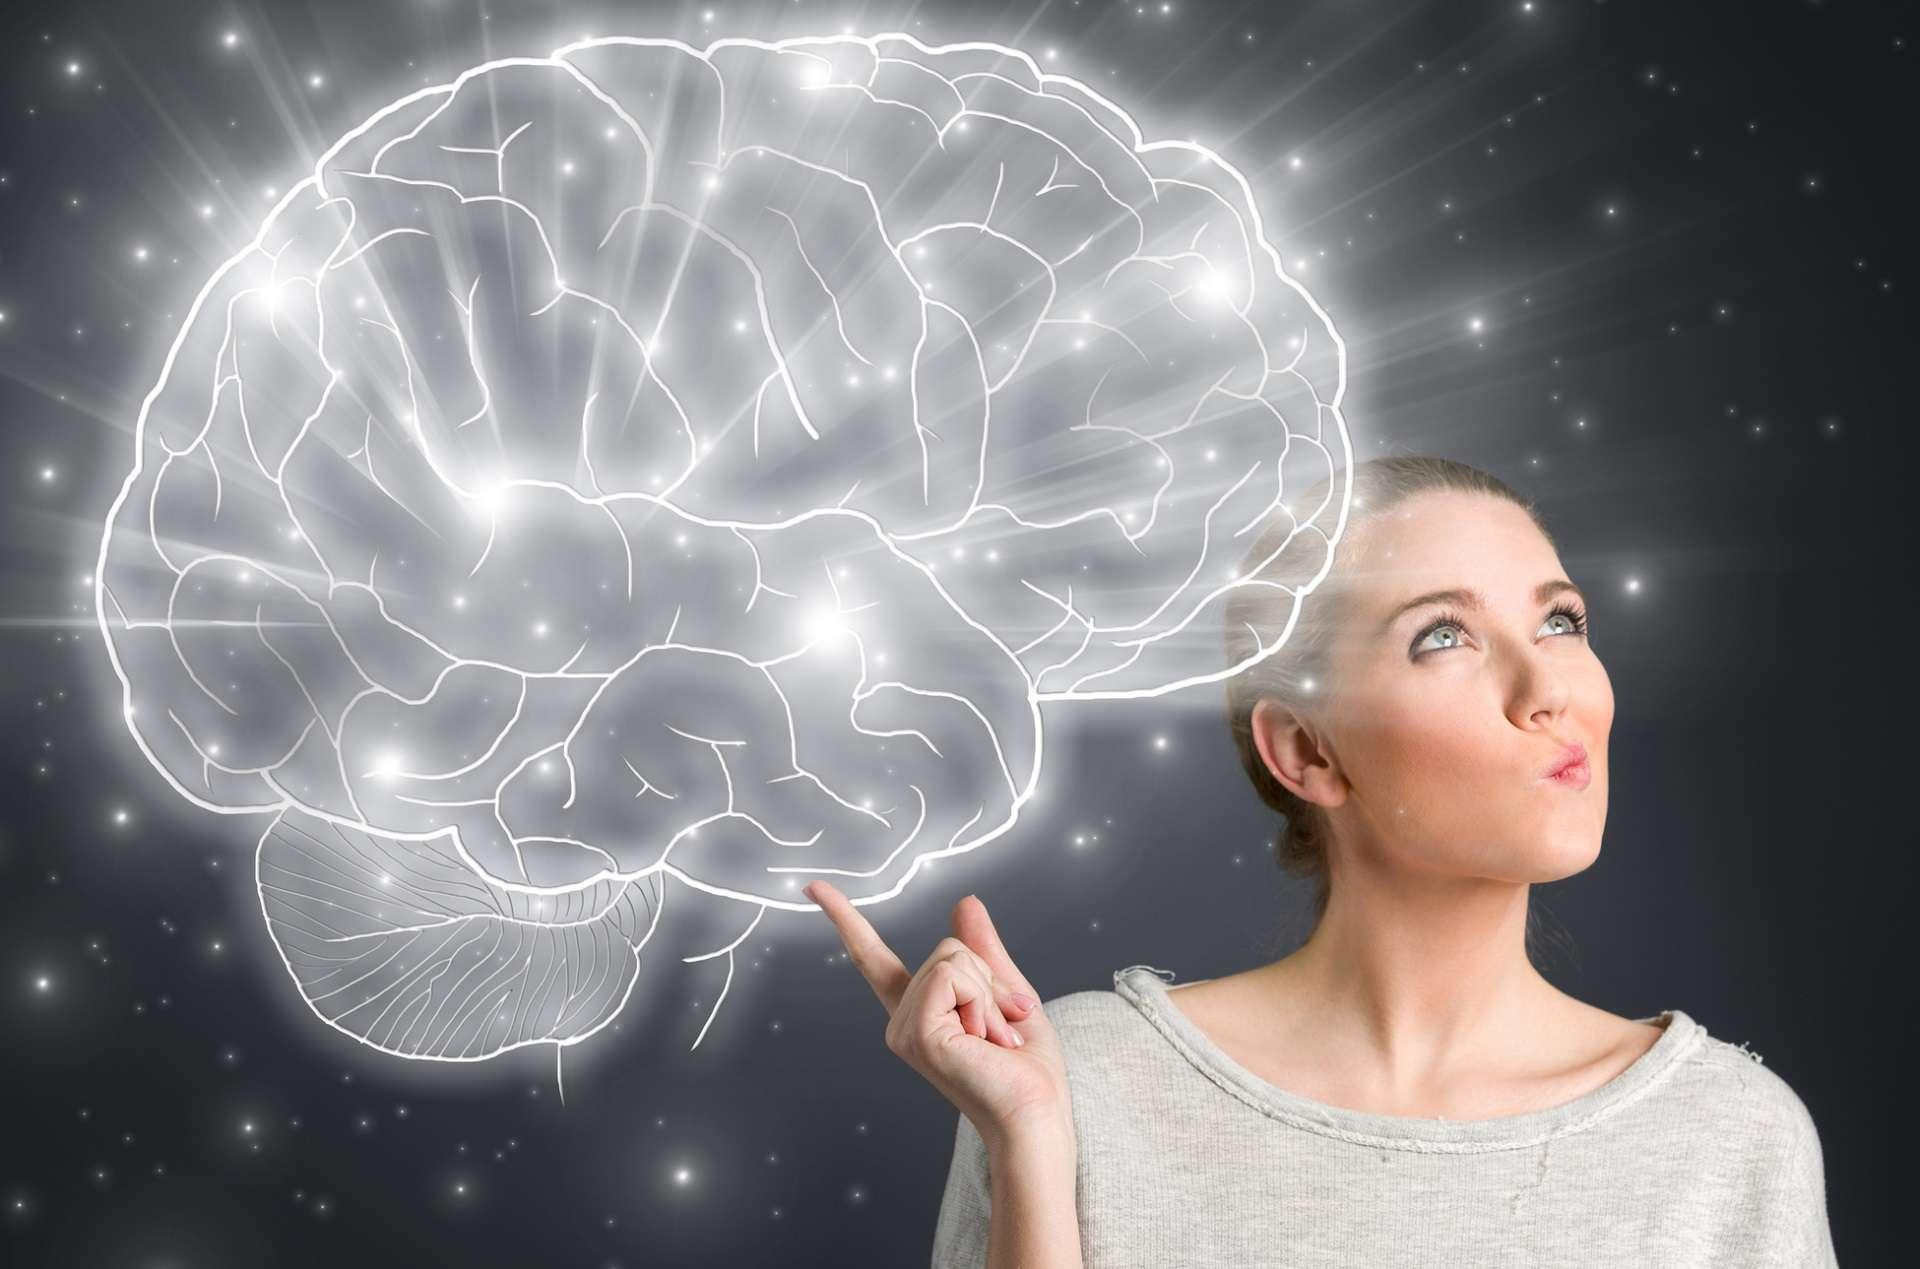 подробная информация картинки с интересными эффектами психологические детализации впечатляющий